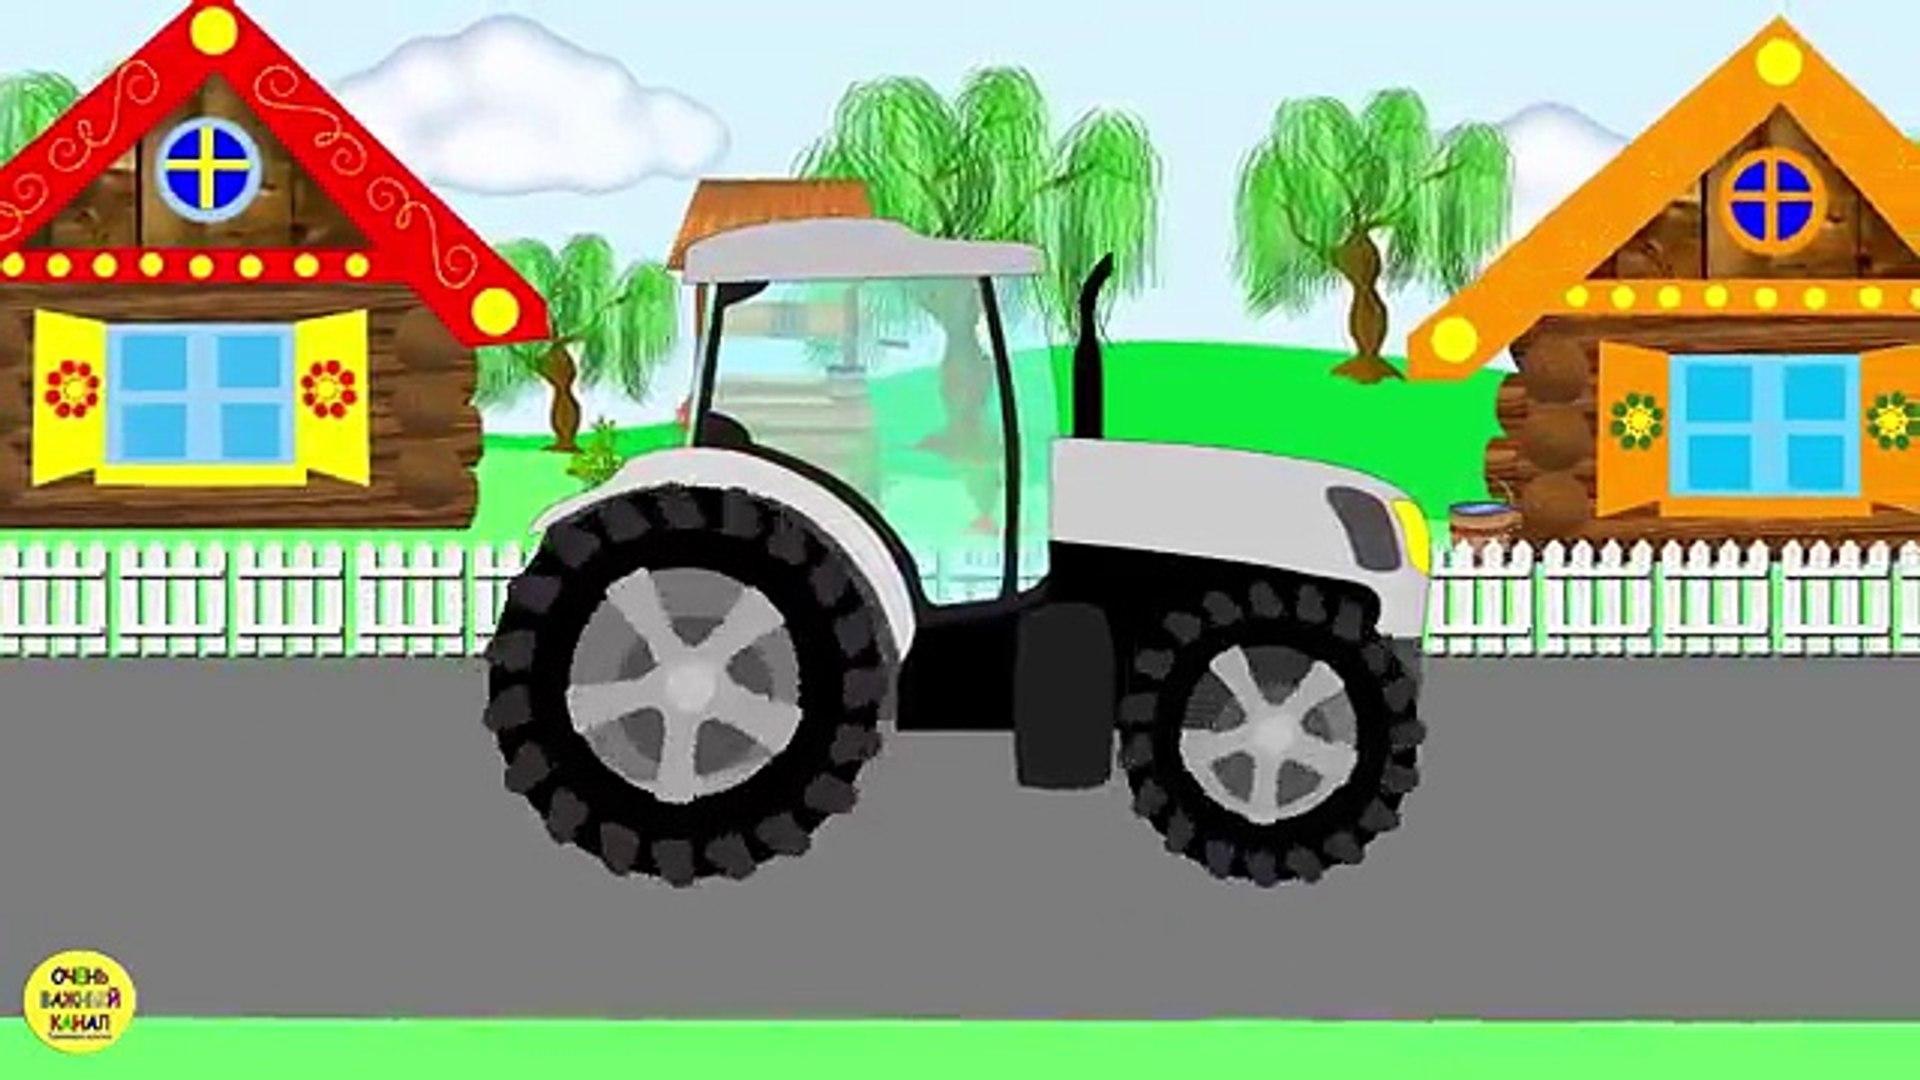 Трактор и овощи. Понятия: много и мало. Развивающие мультики про машинки